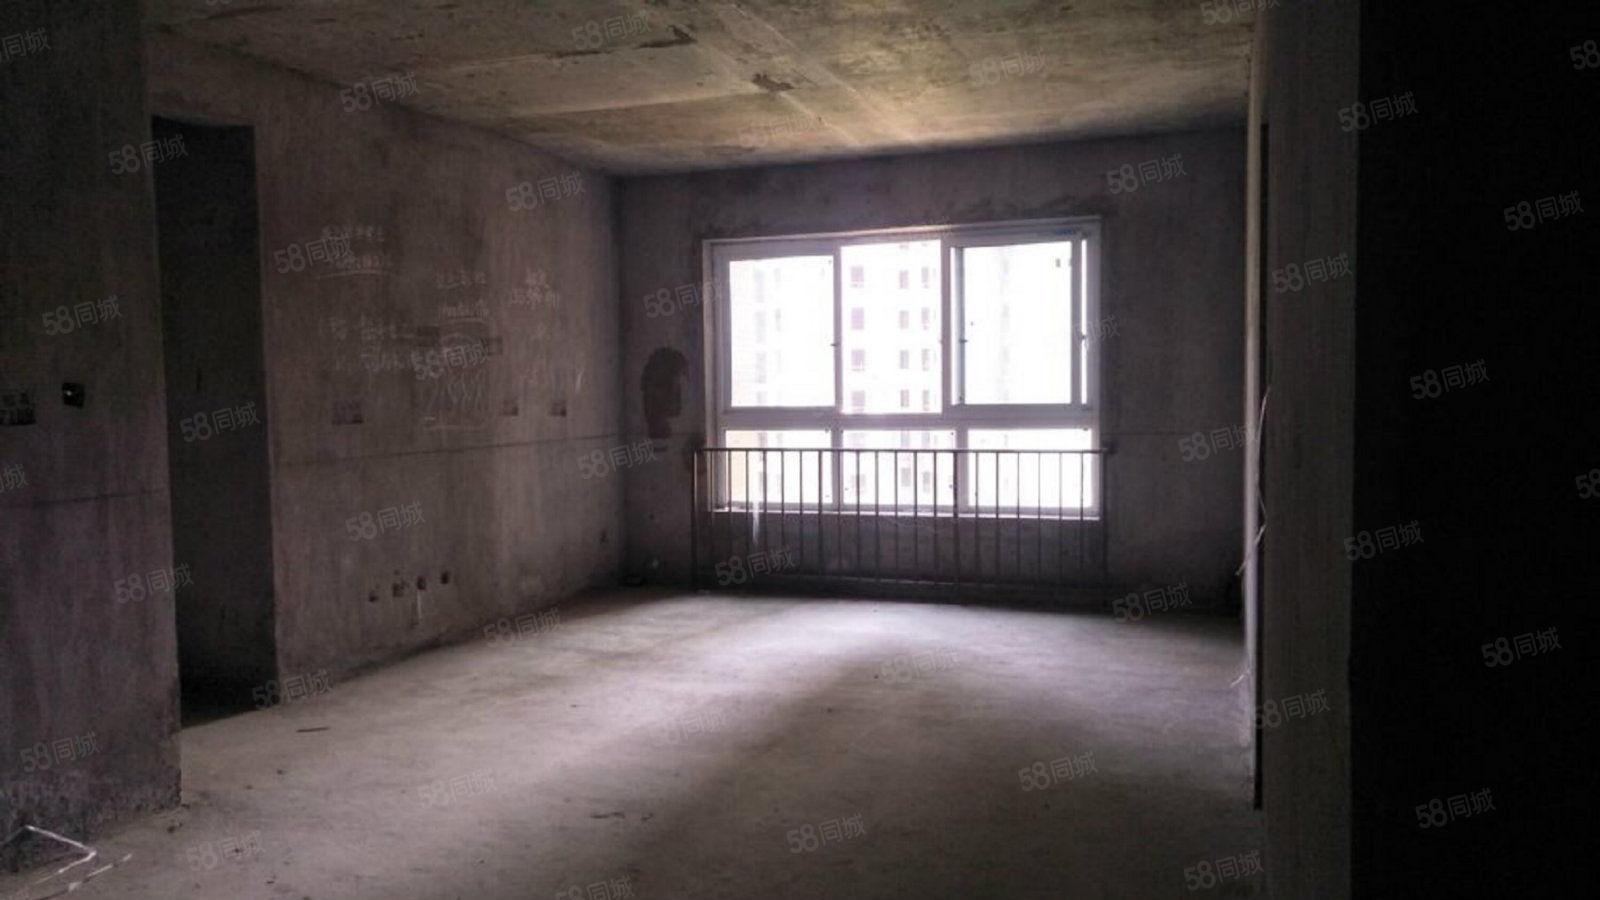 锦绣山河 业主诚心出售 电梯现房 单价仅售4500元一平